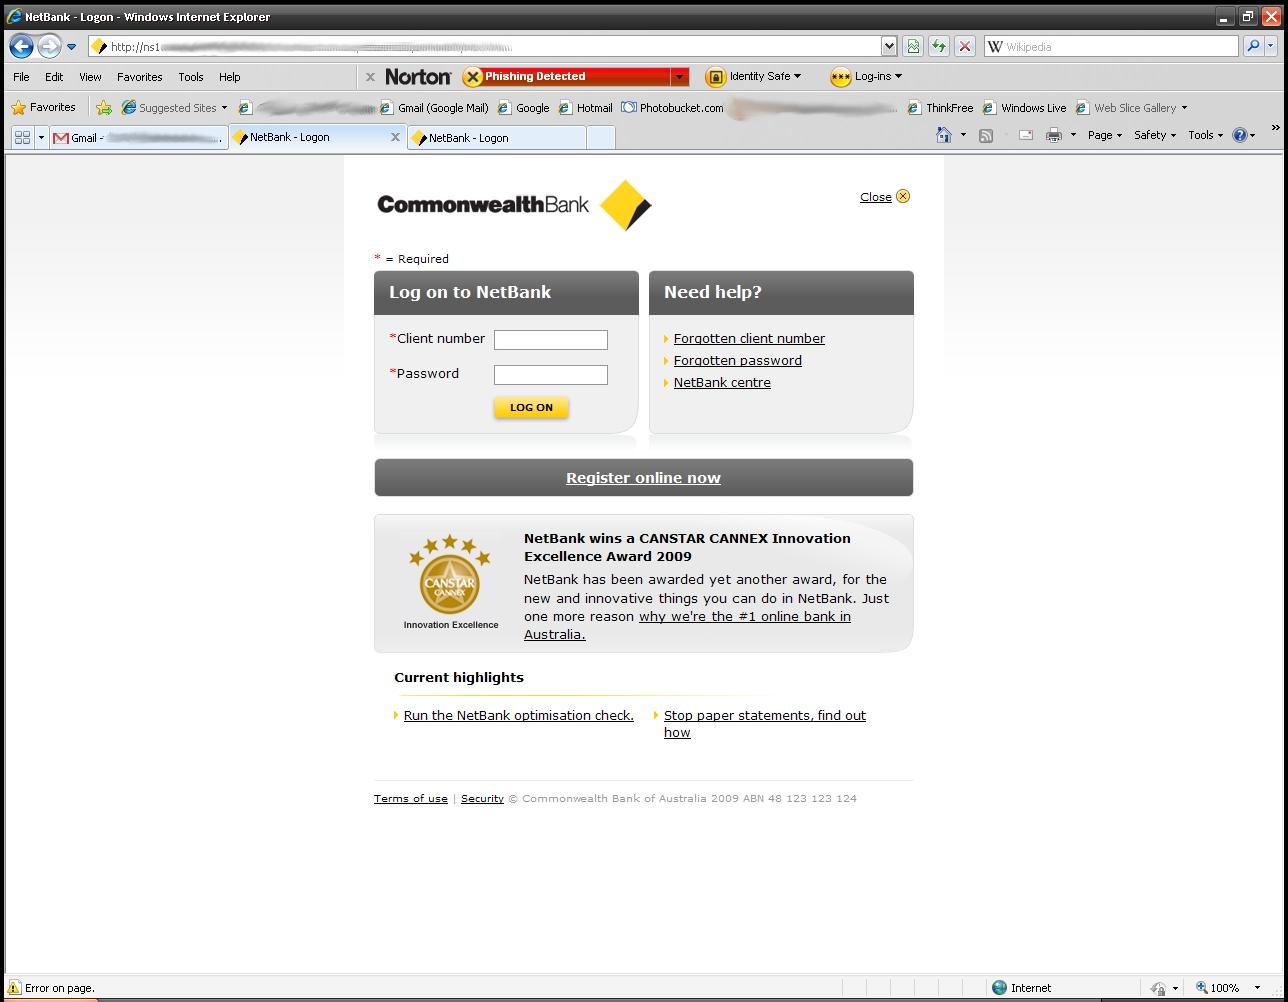 Log Onto Netbank Commonwealth